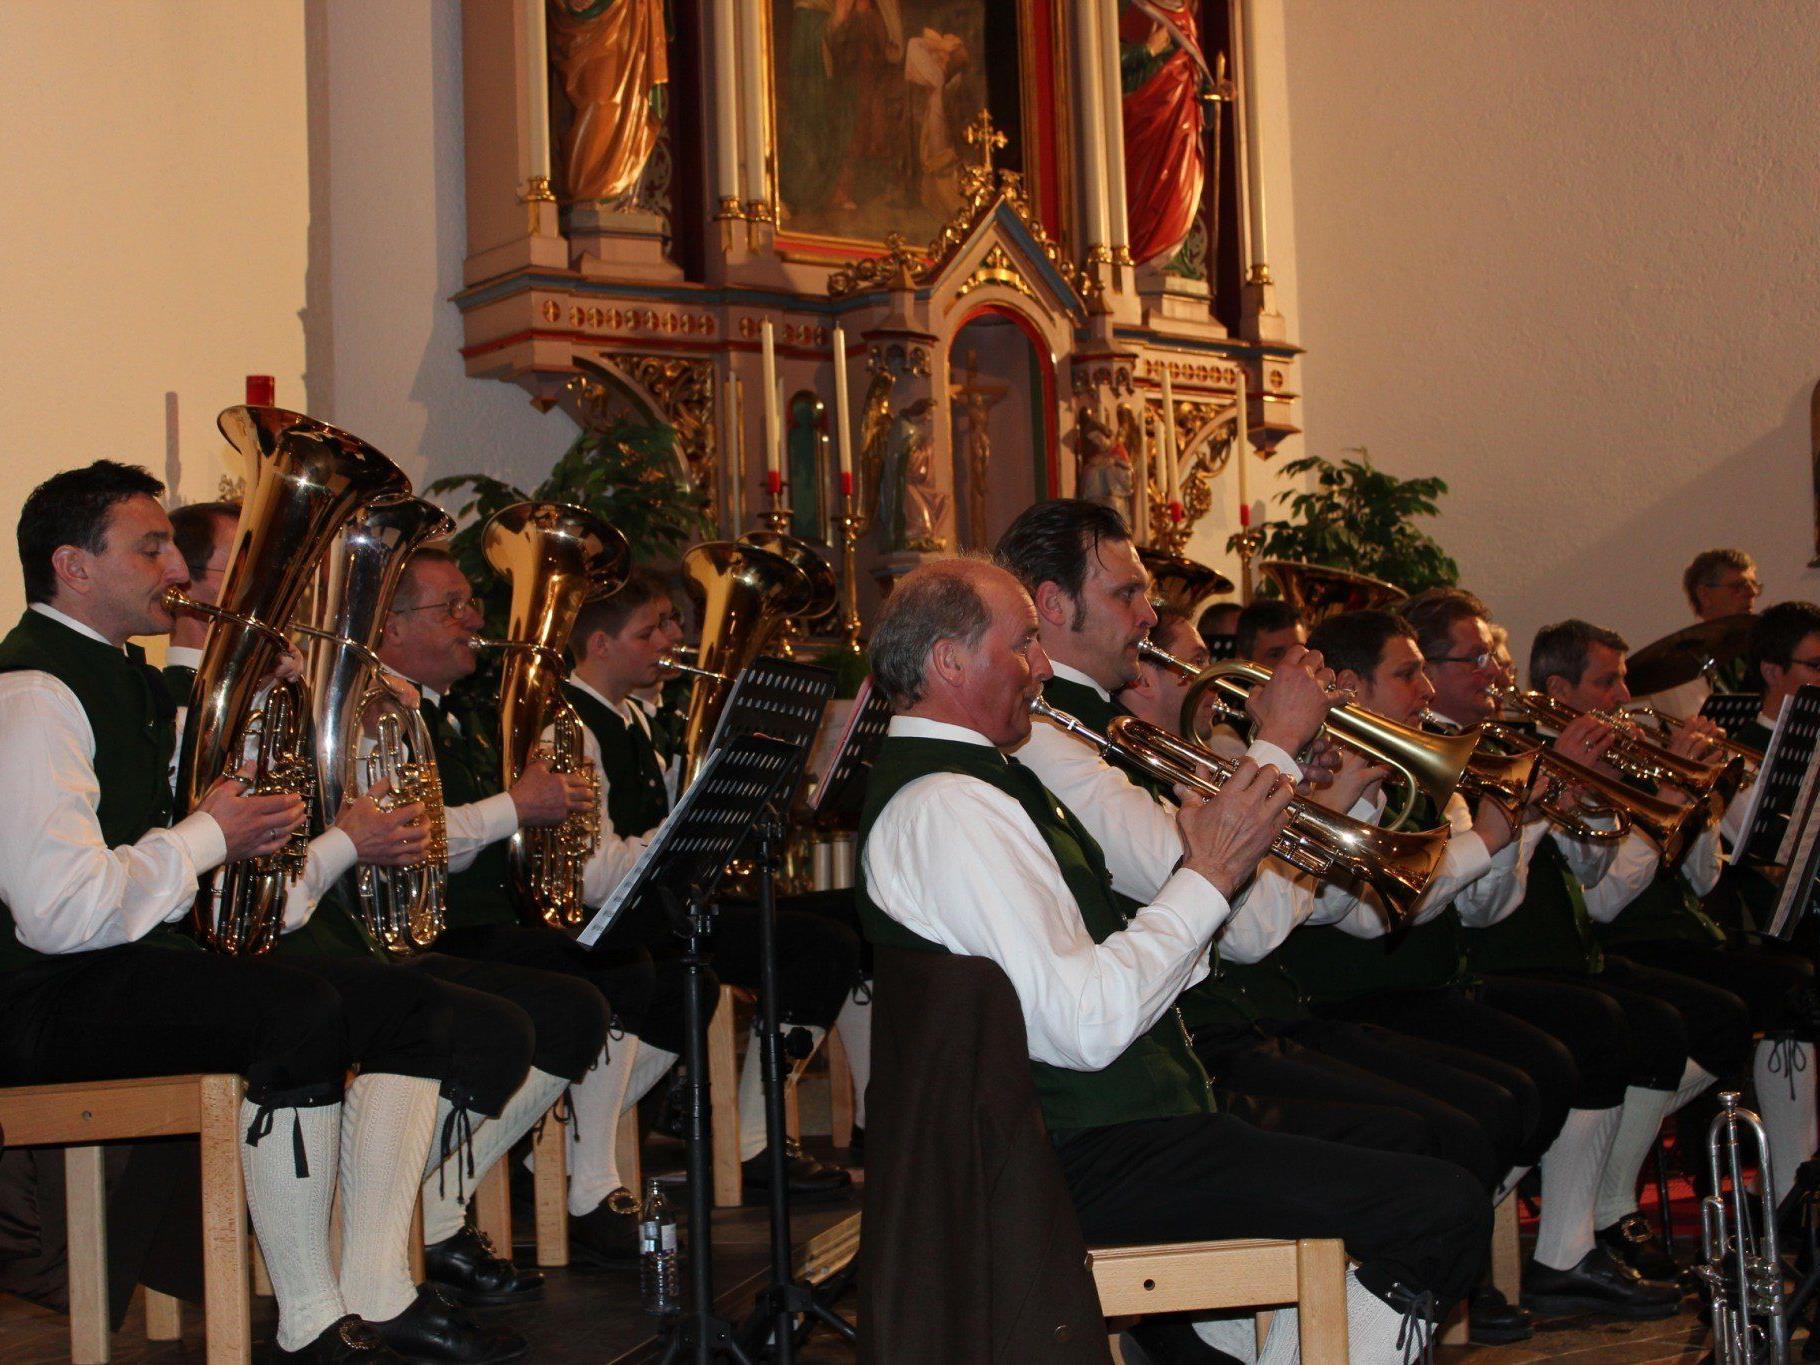 Der Musikverein Mellau spielte ein beeindruckendes Konzert.